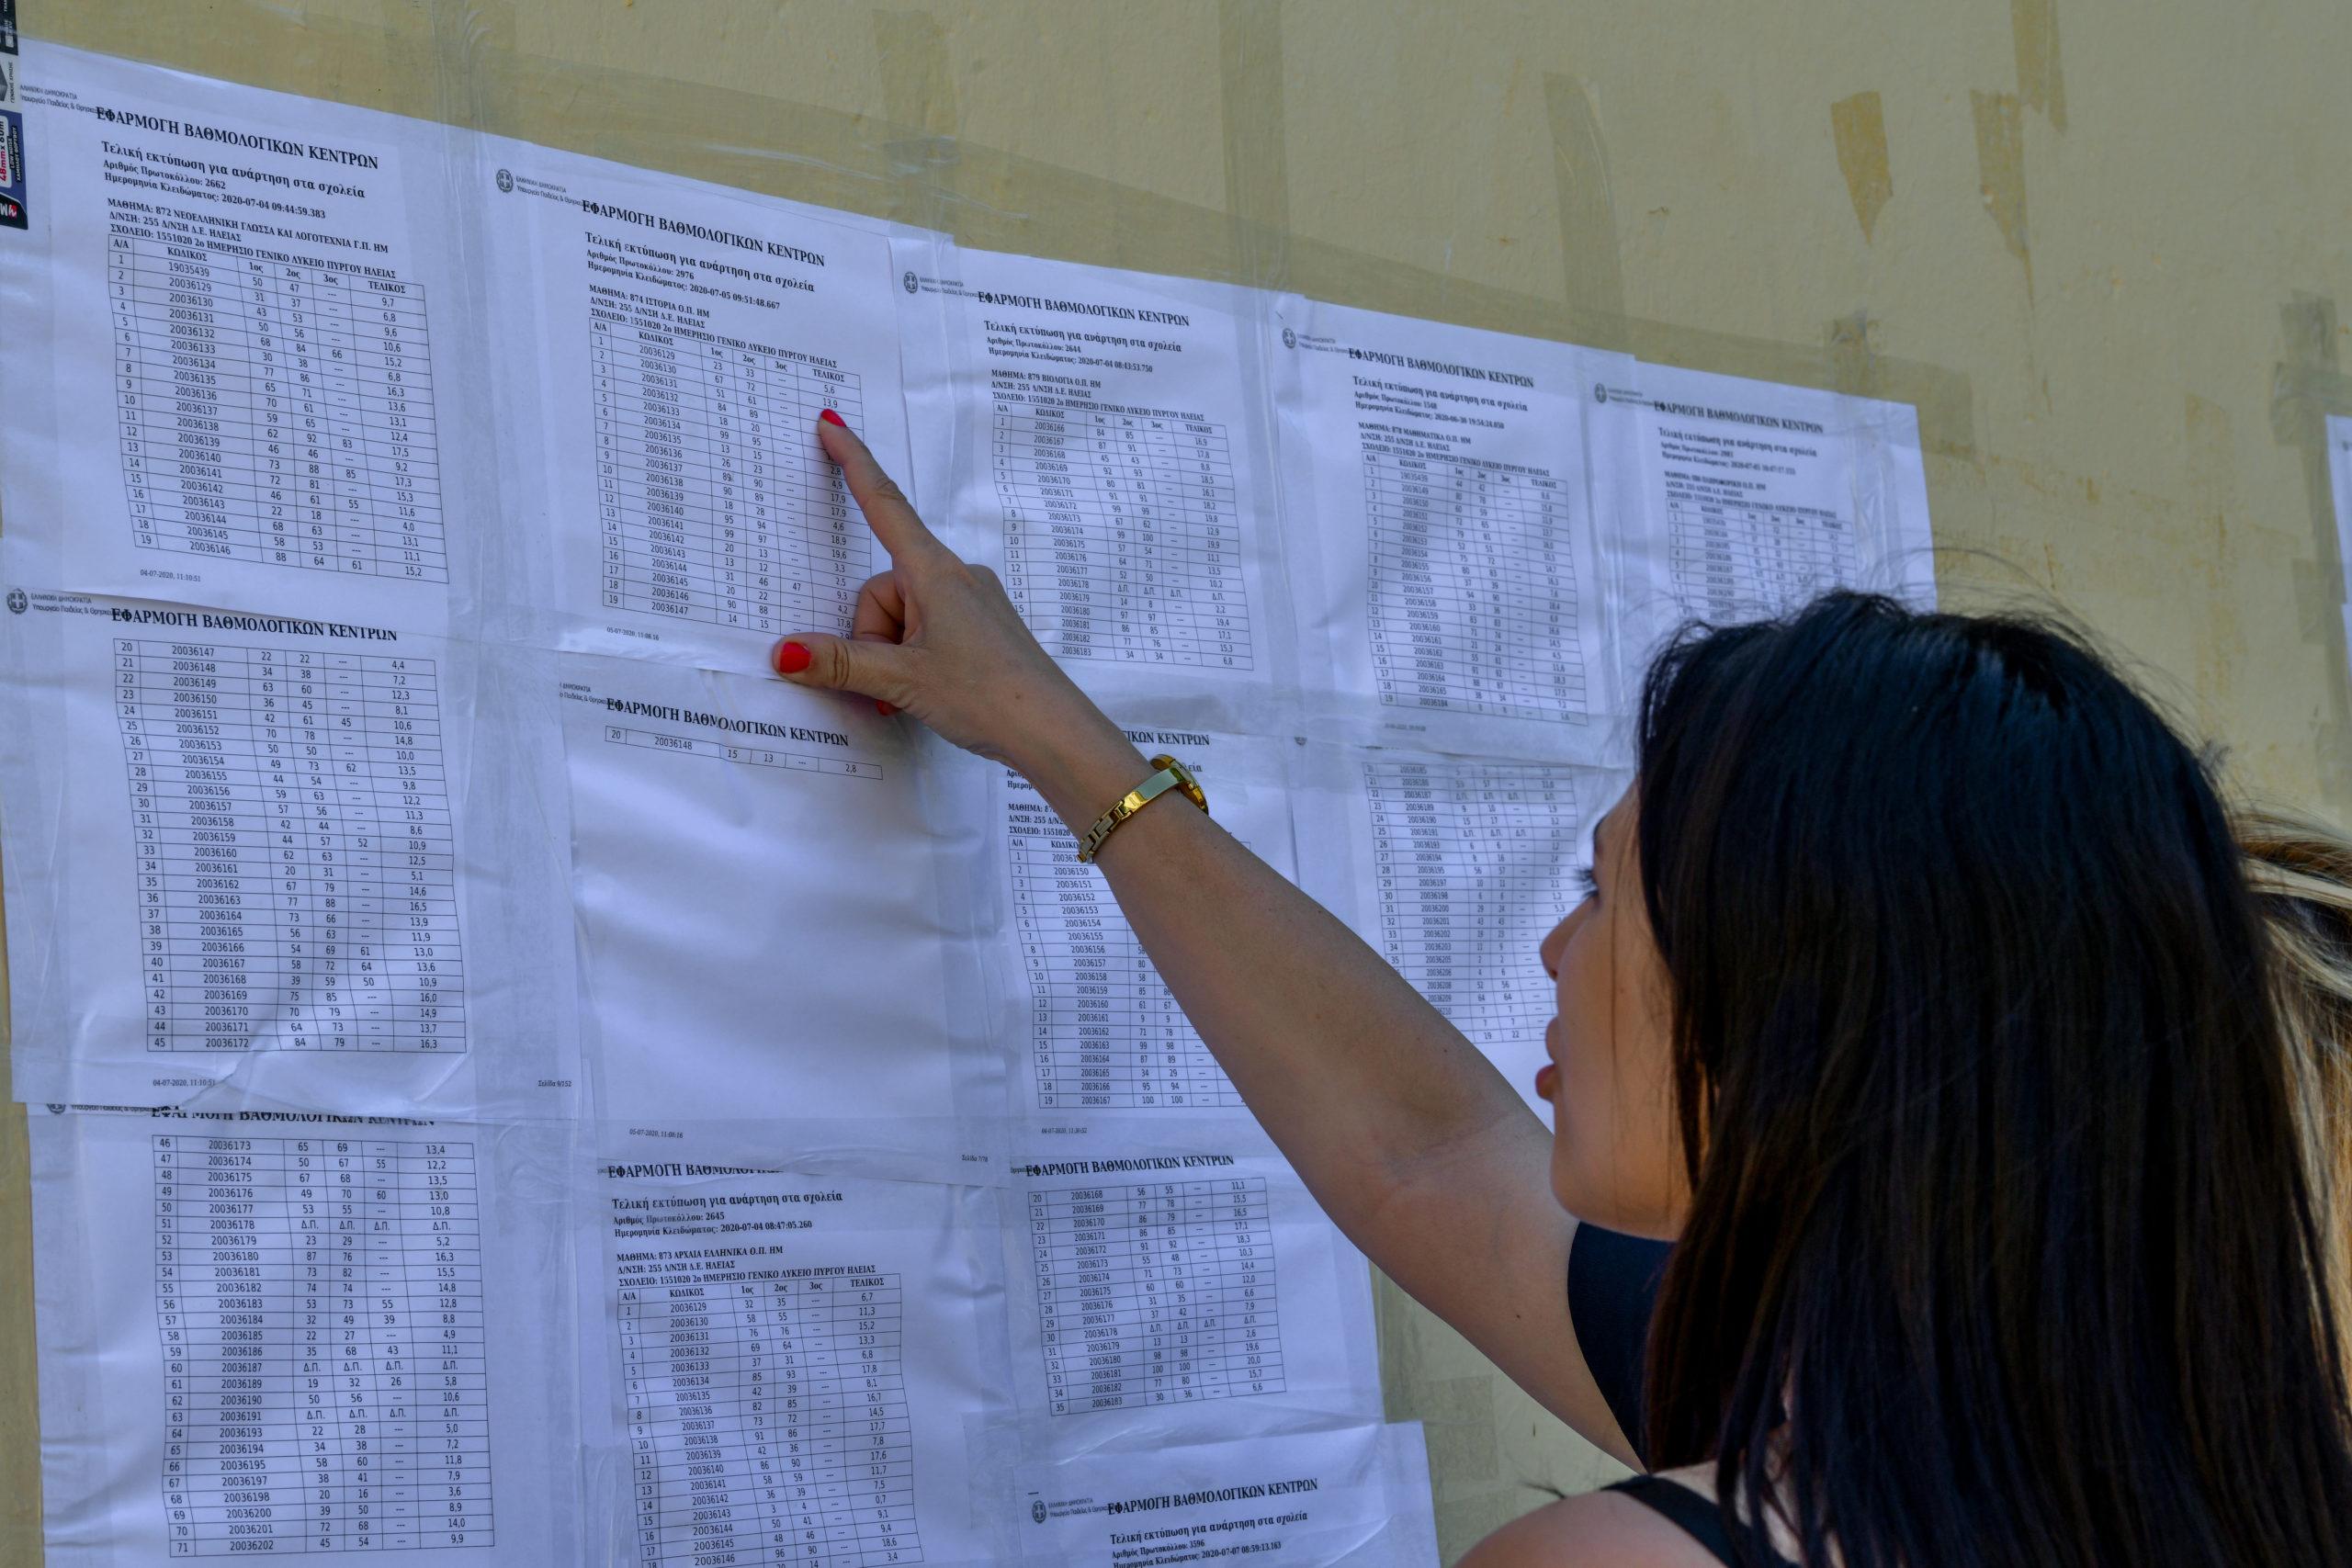 Πανελλήνιες 2021: Το πρόγραμμα των εξετάσεων